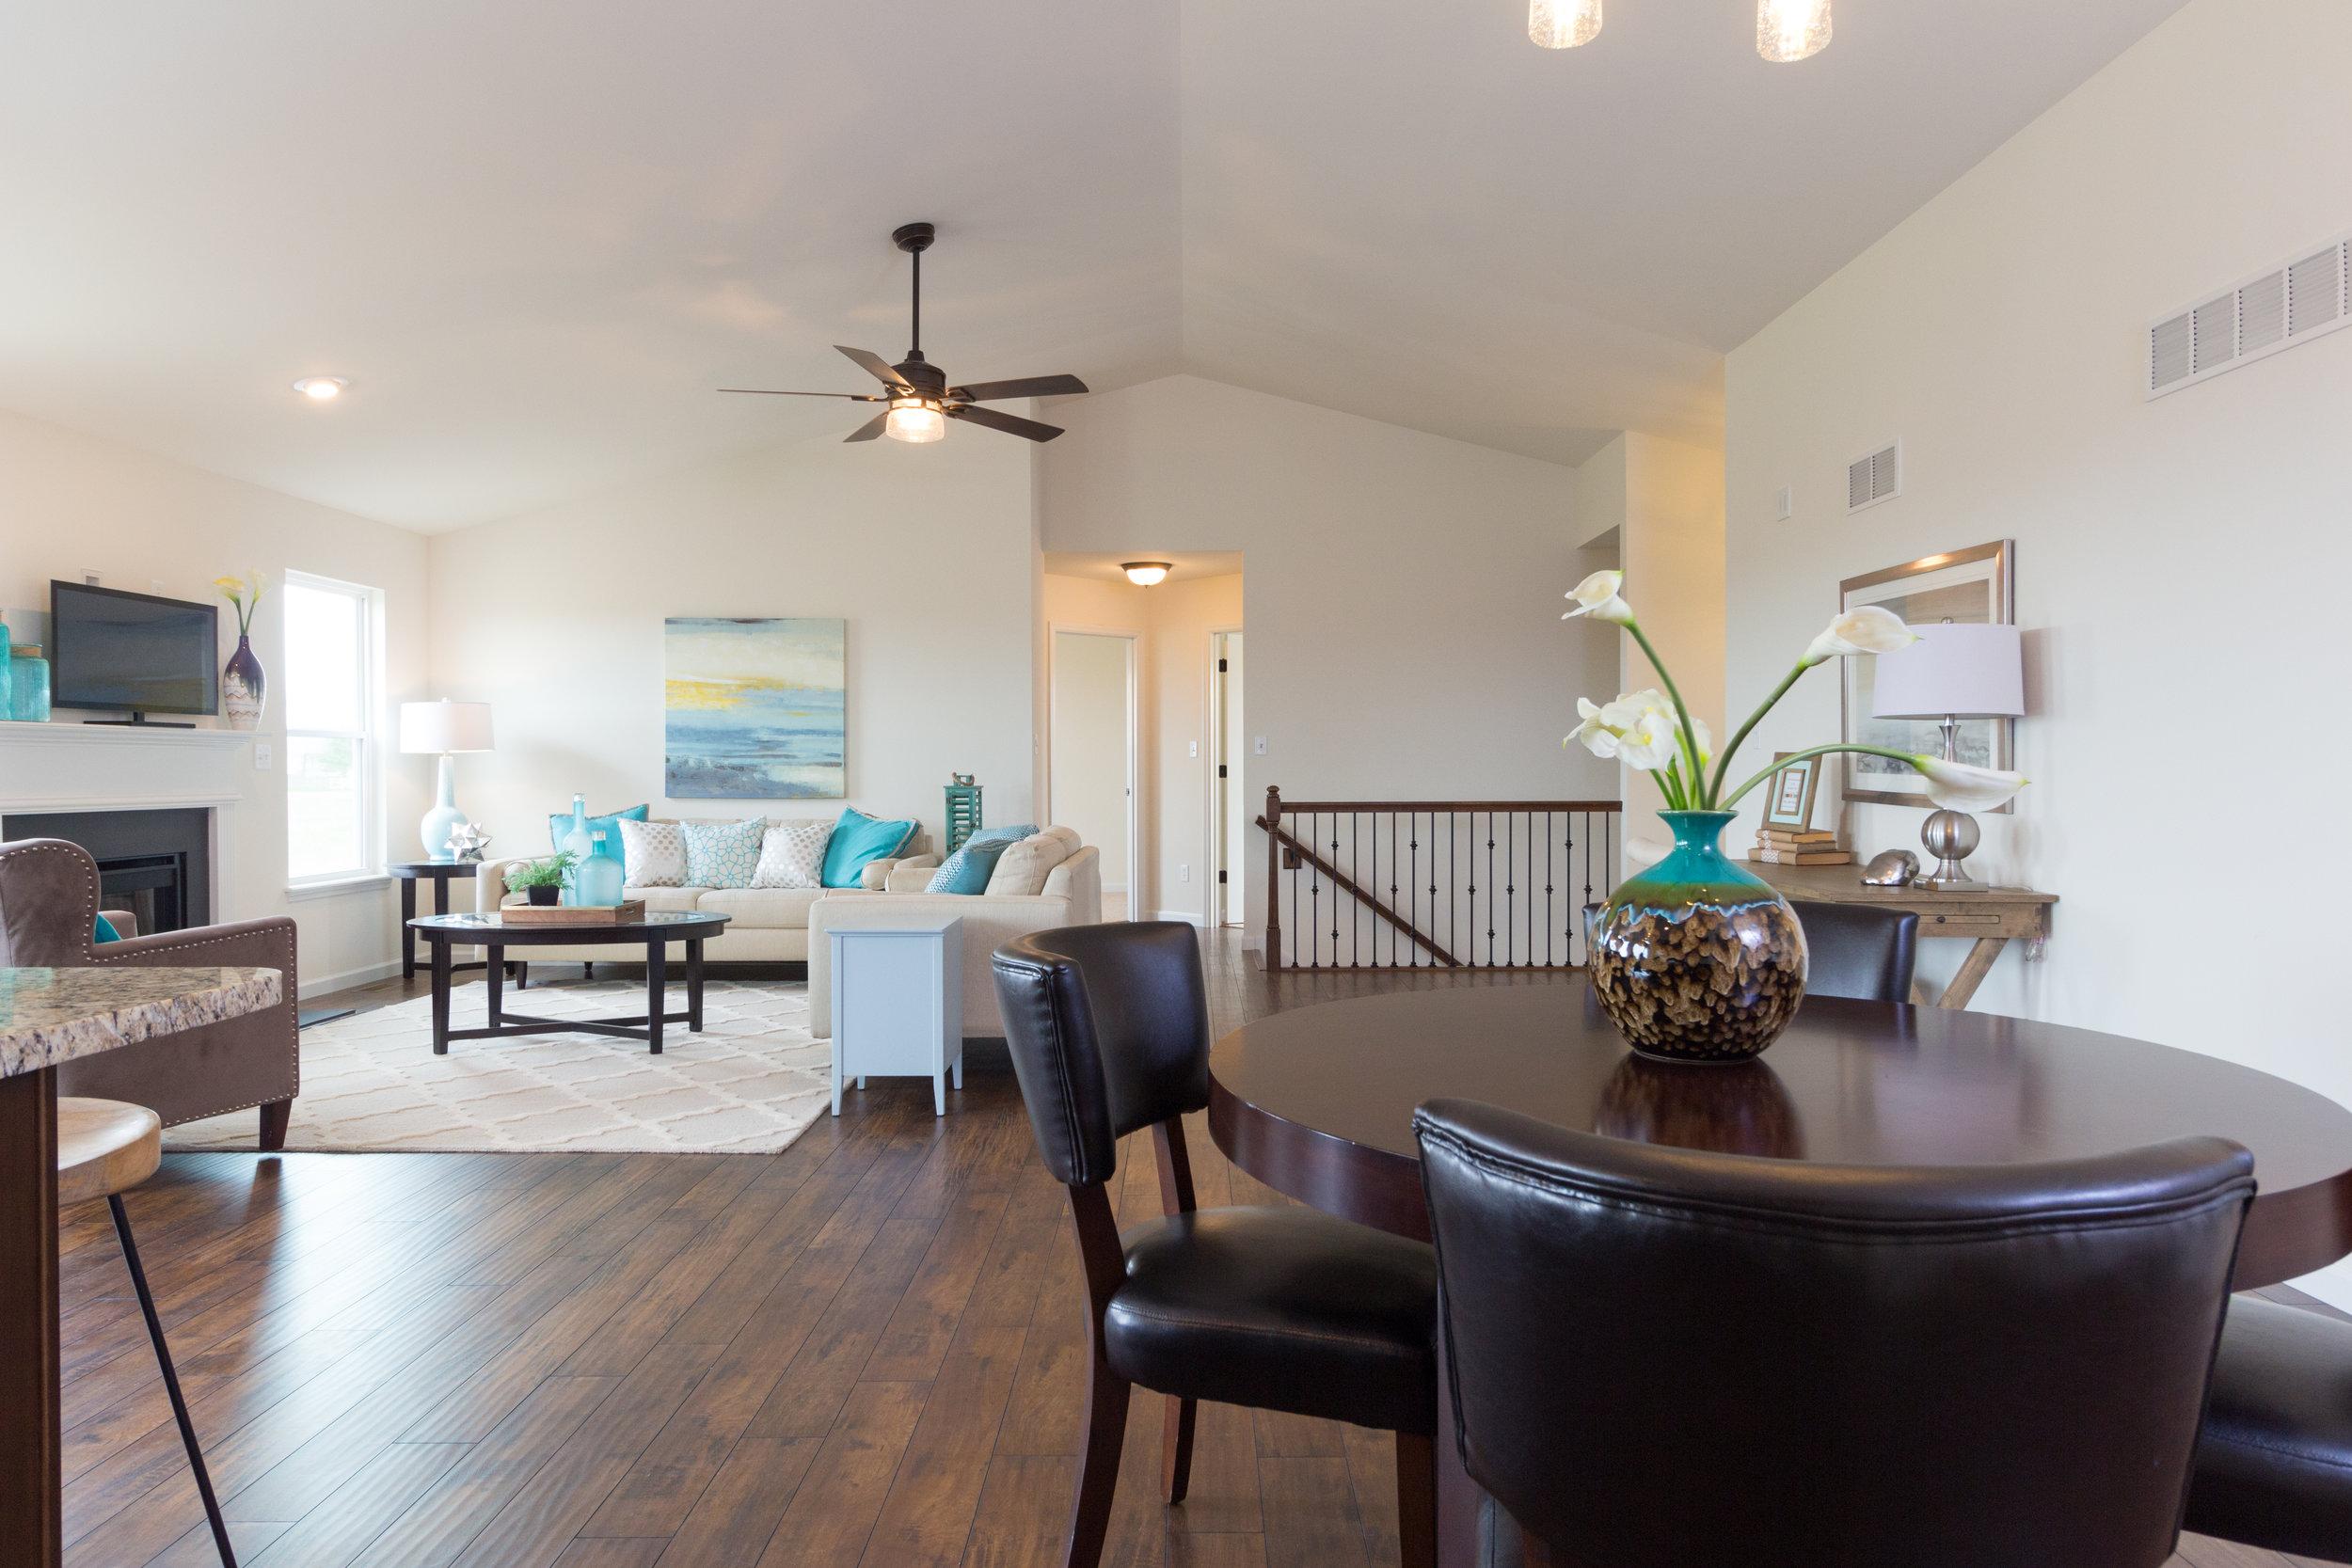 interior open floor plan new home